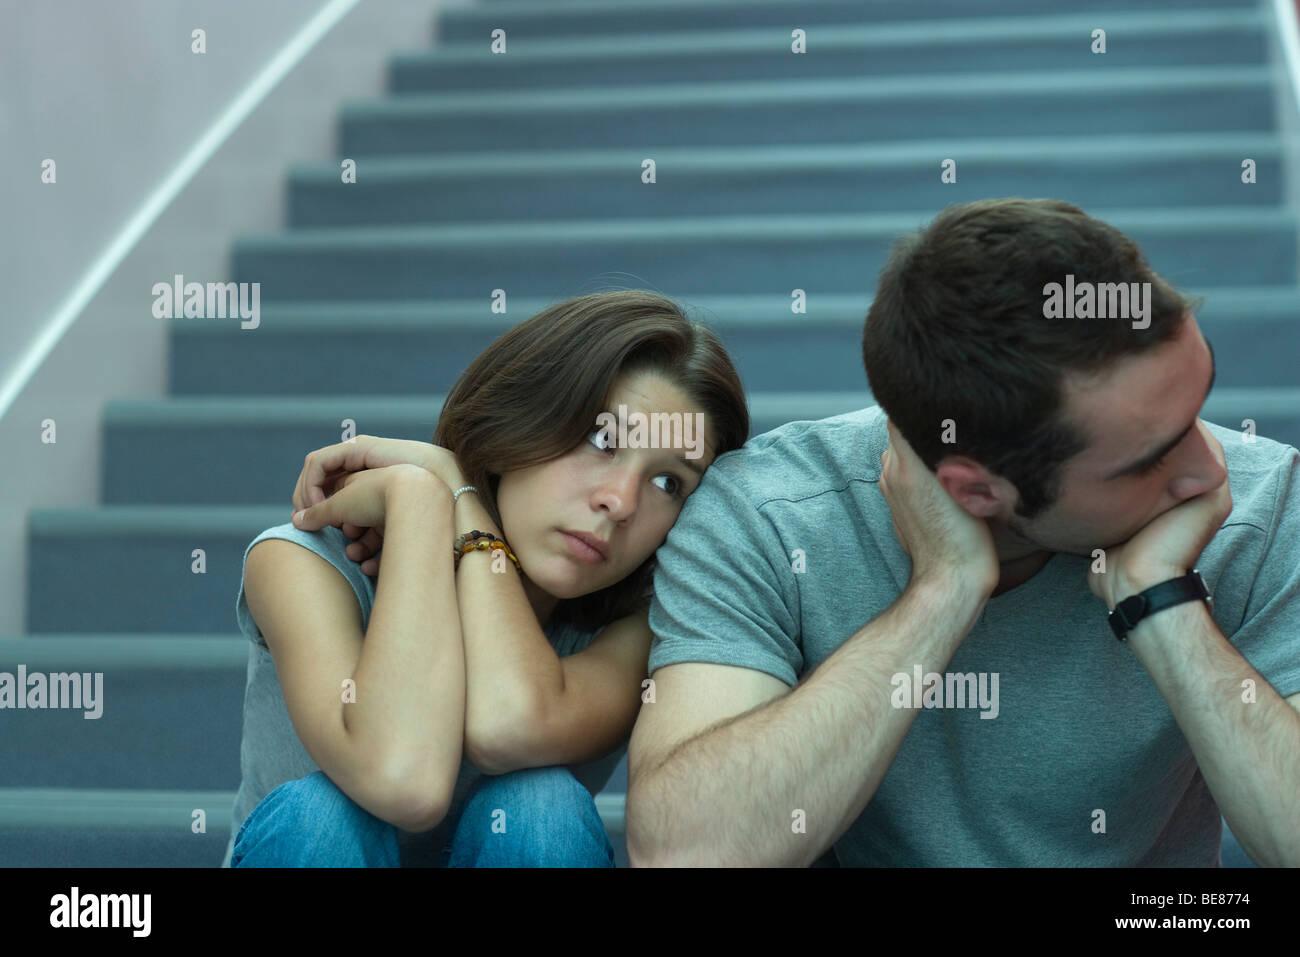 Jeune couple assis côte à côte dans les escaliers, la tête sur l'épaule de l'homme, l'homme à la voiture Banque D'Images